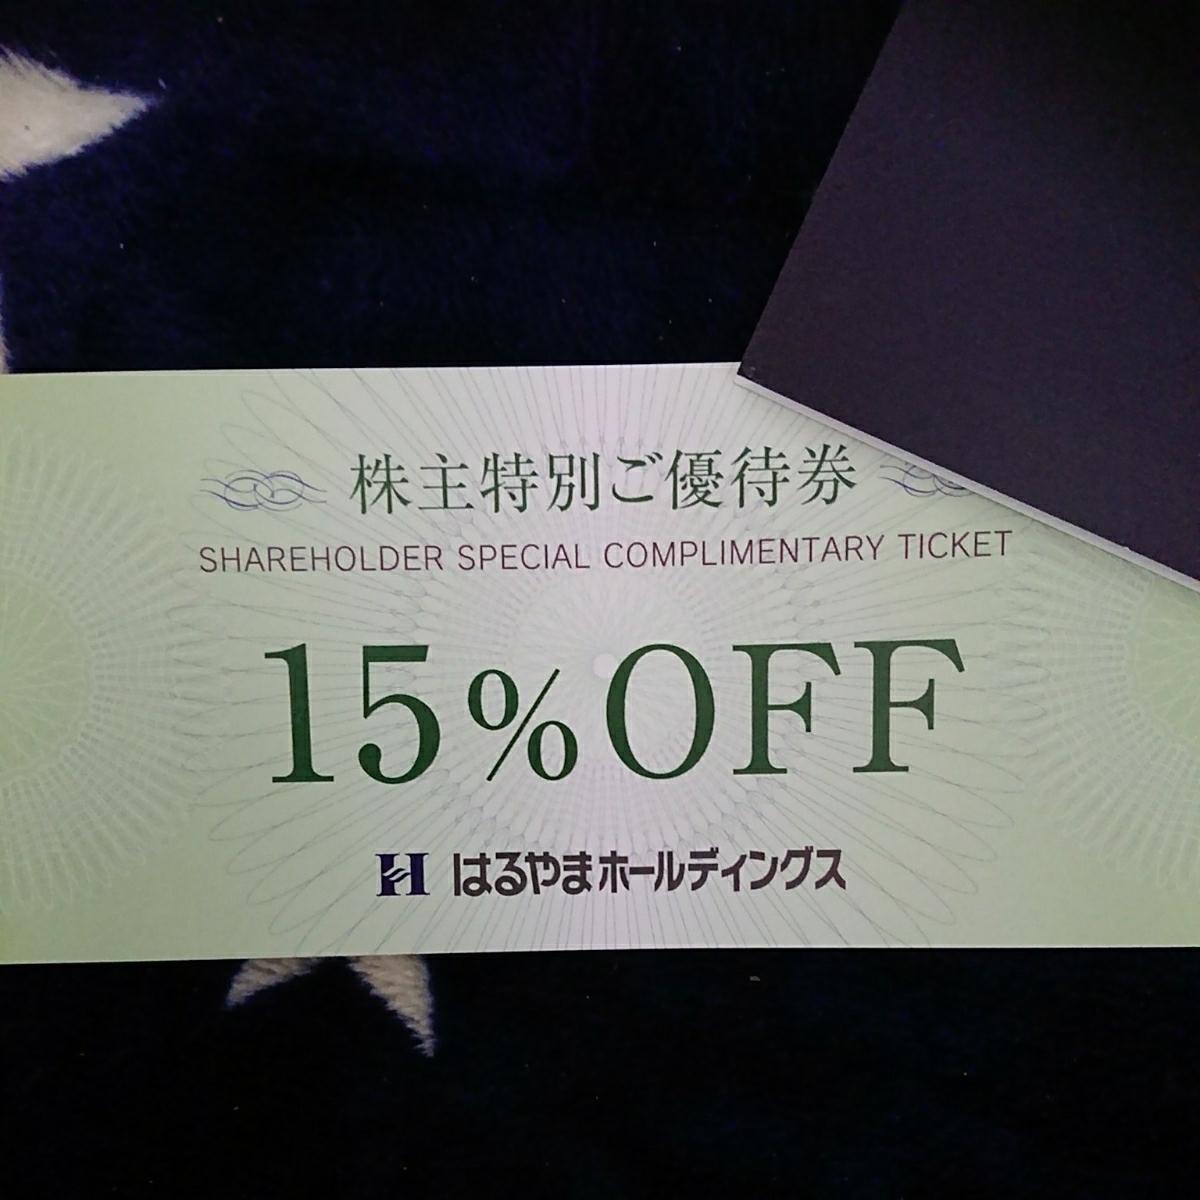 ミニレター62円- はるやま 優待 株主優待 優待券 15%割引券 PSFA パーフェクトスーツ P.S.FA モリワンワールド